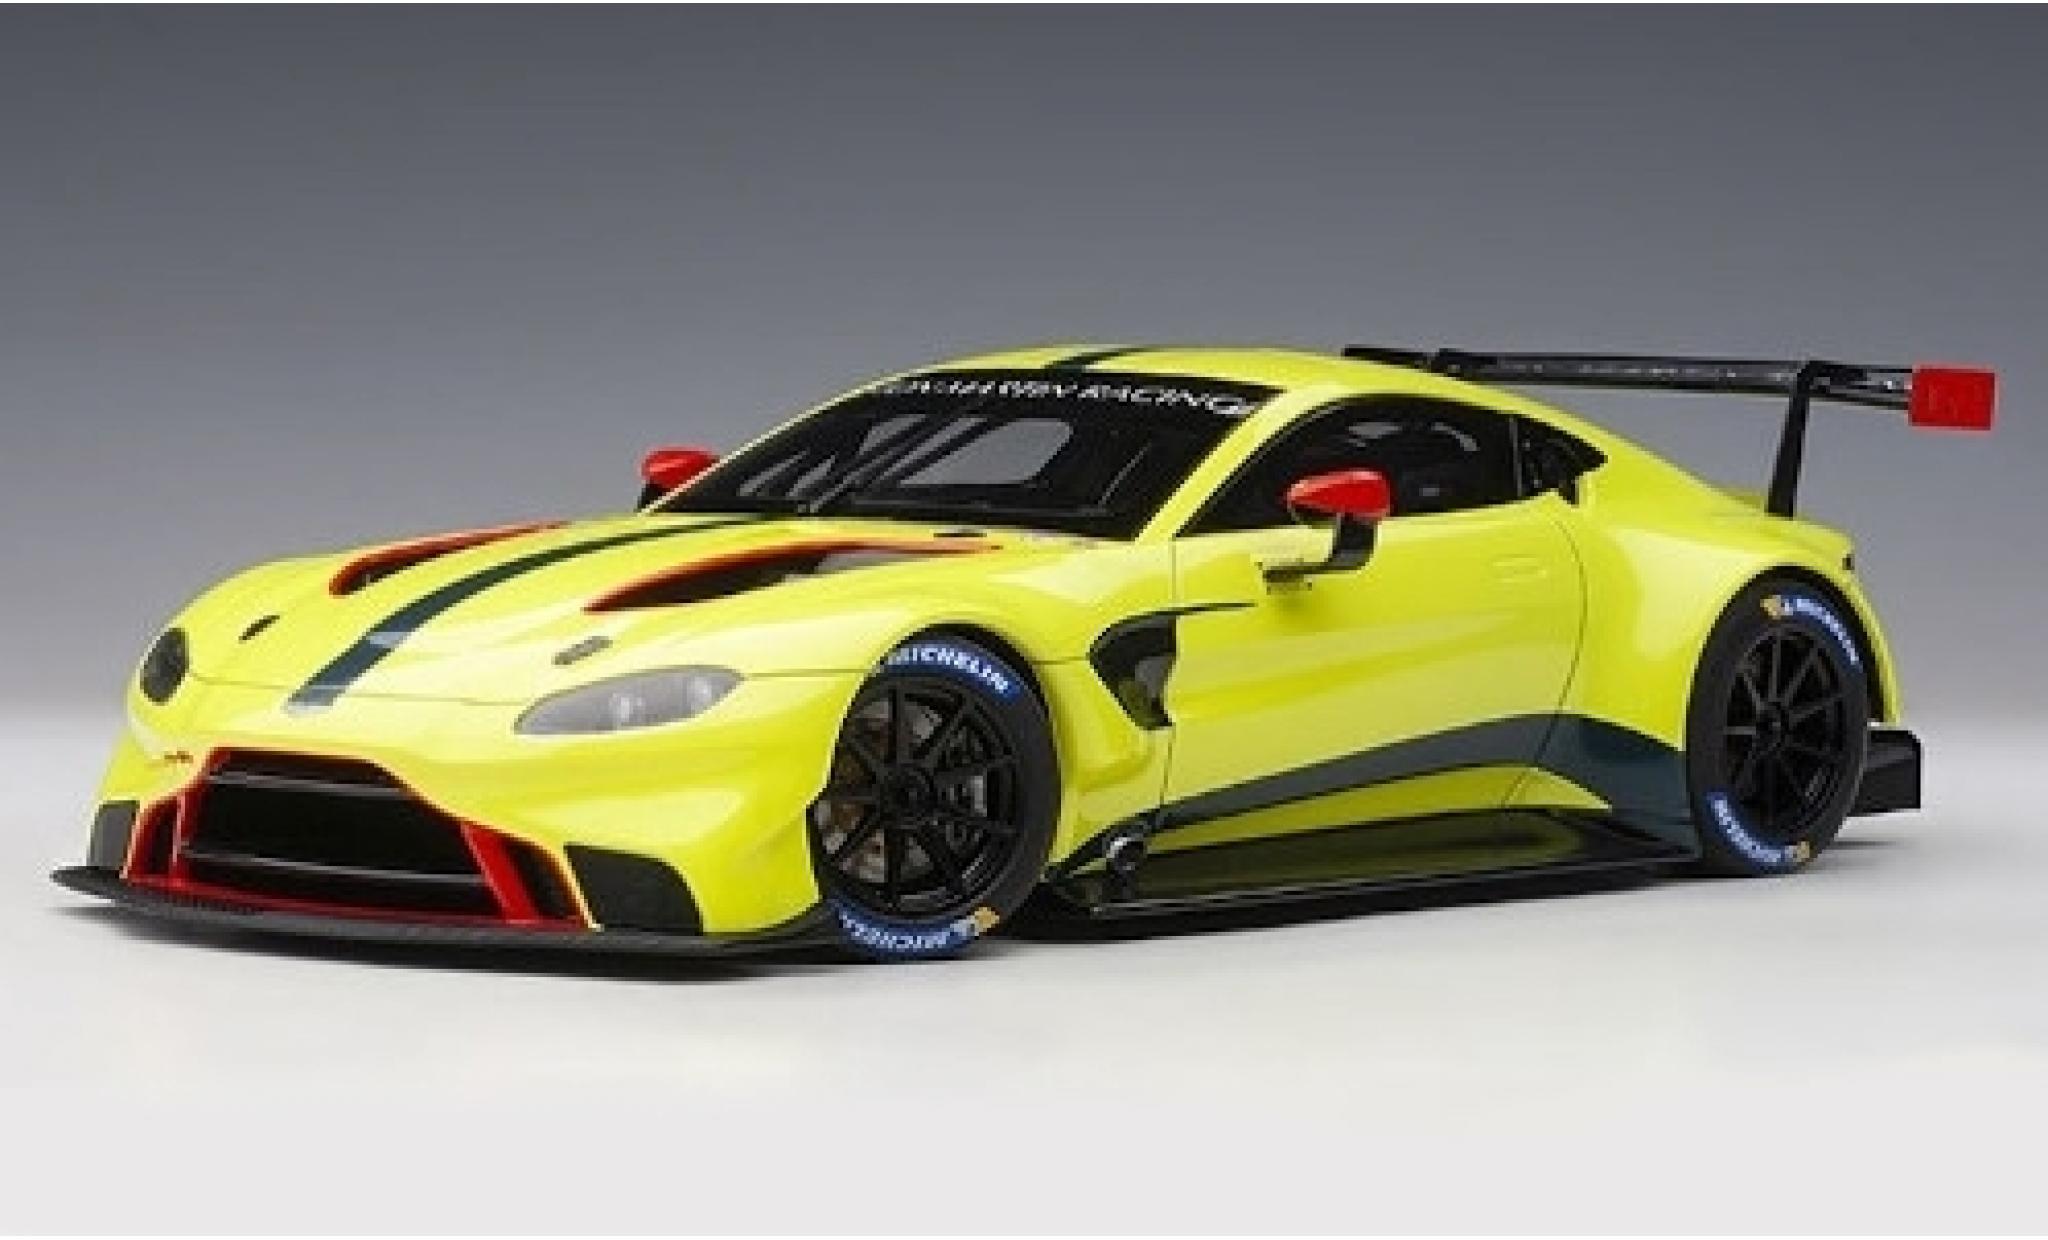 Aston Martin Vantage 1/18 AUTOart GTE Le Mans Pro verte Racing 2018 Plain Body Version